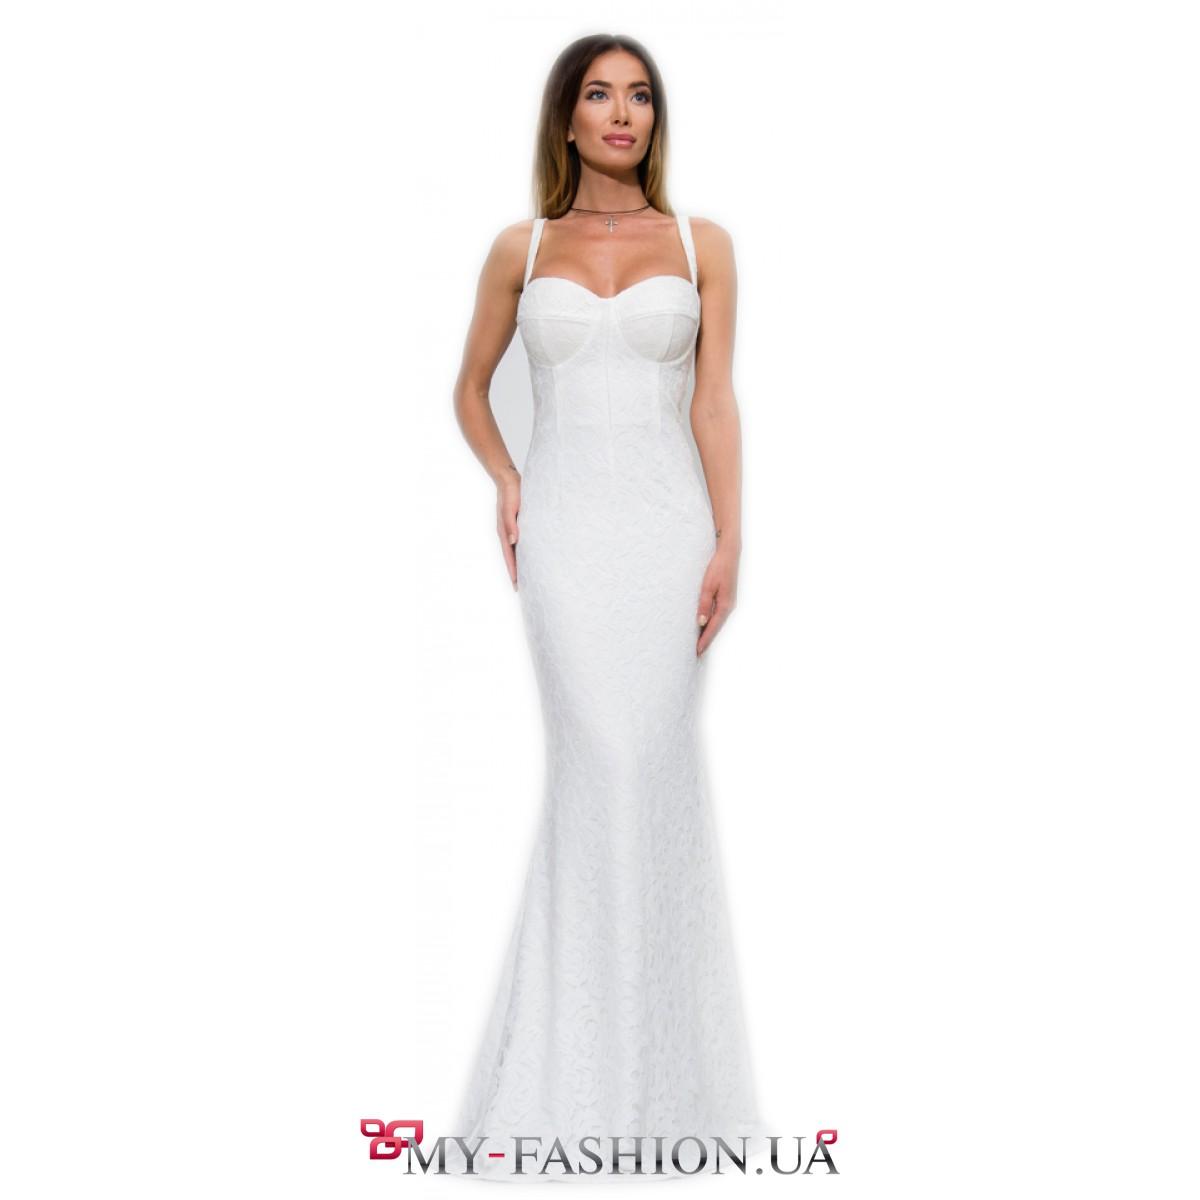 Недорогое платье большого размера доставка